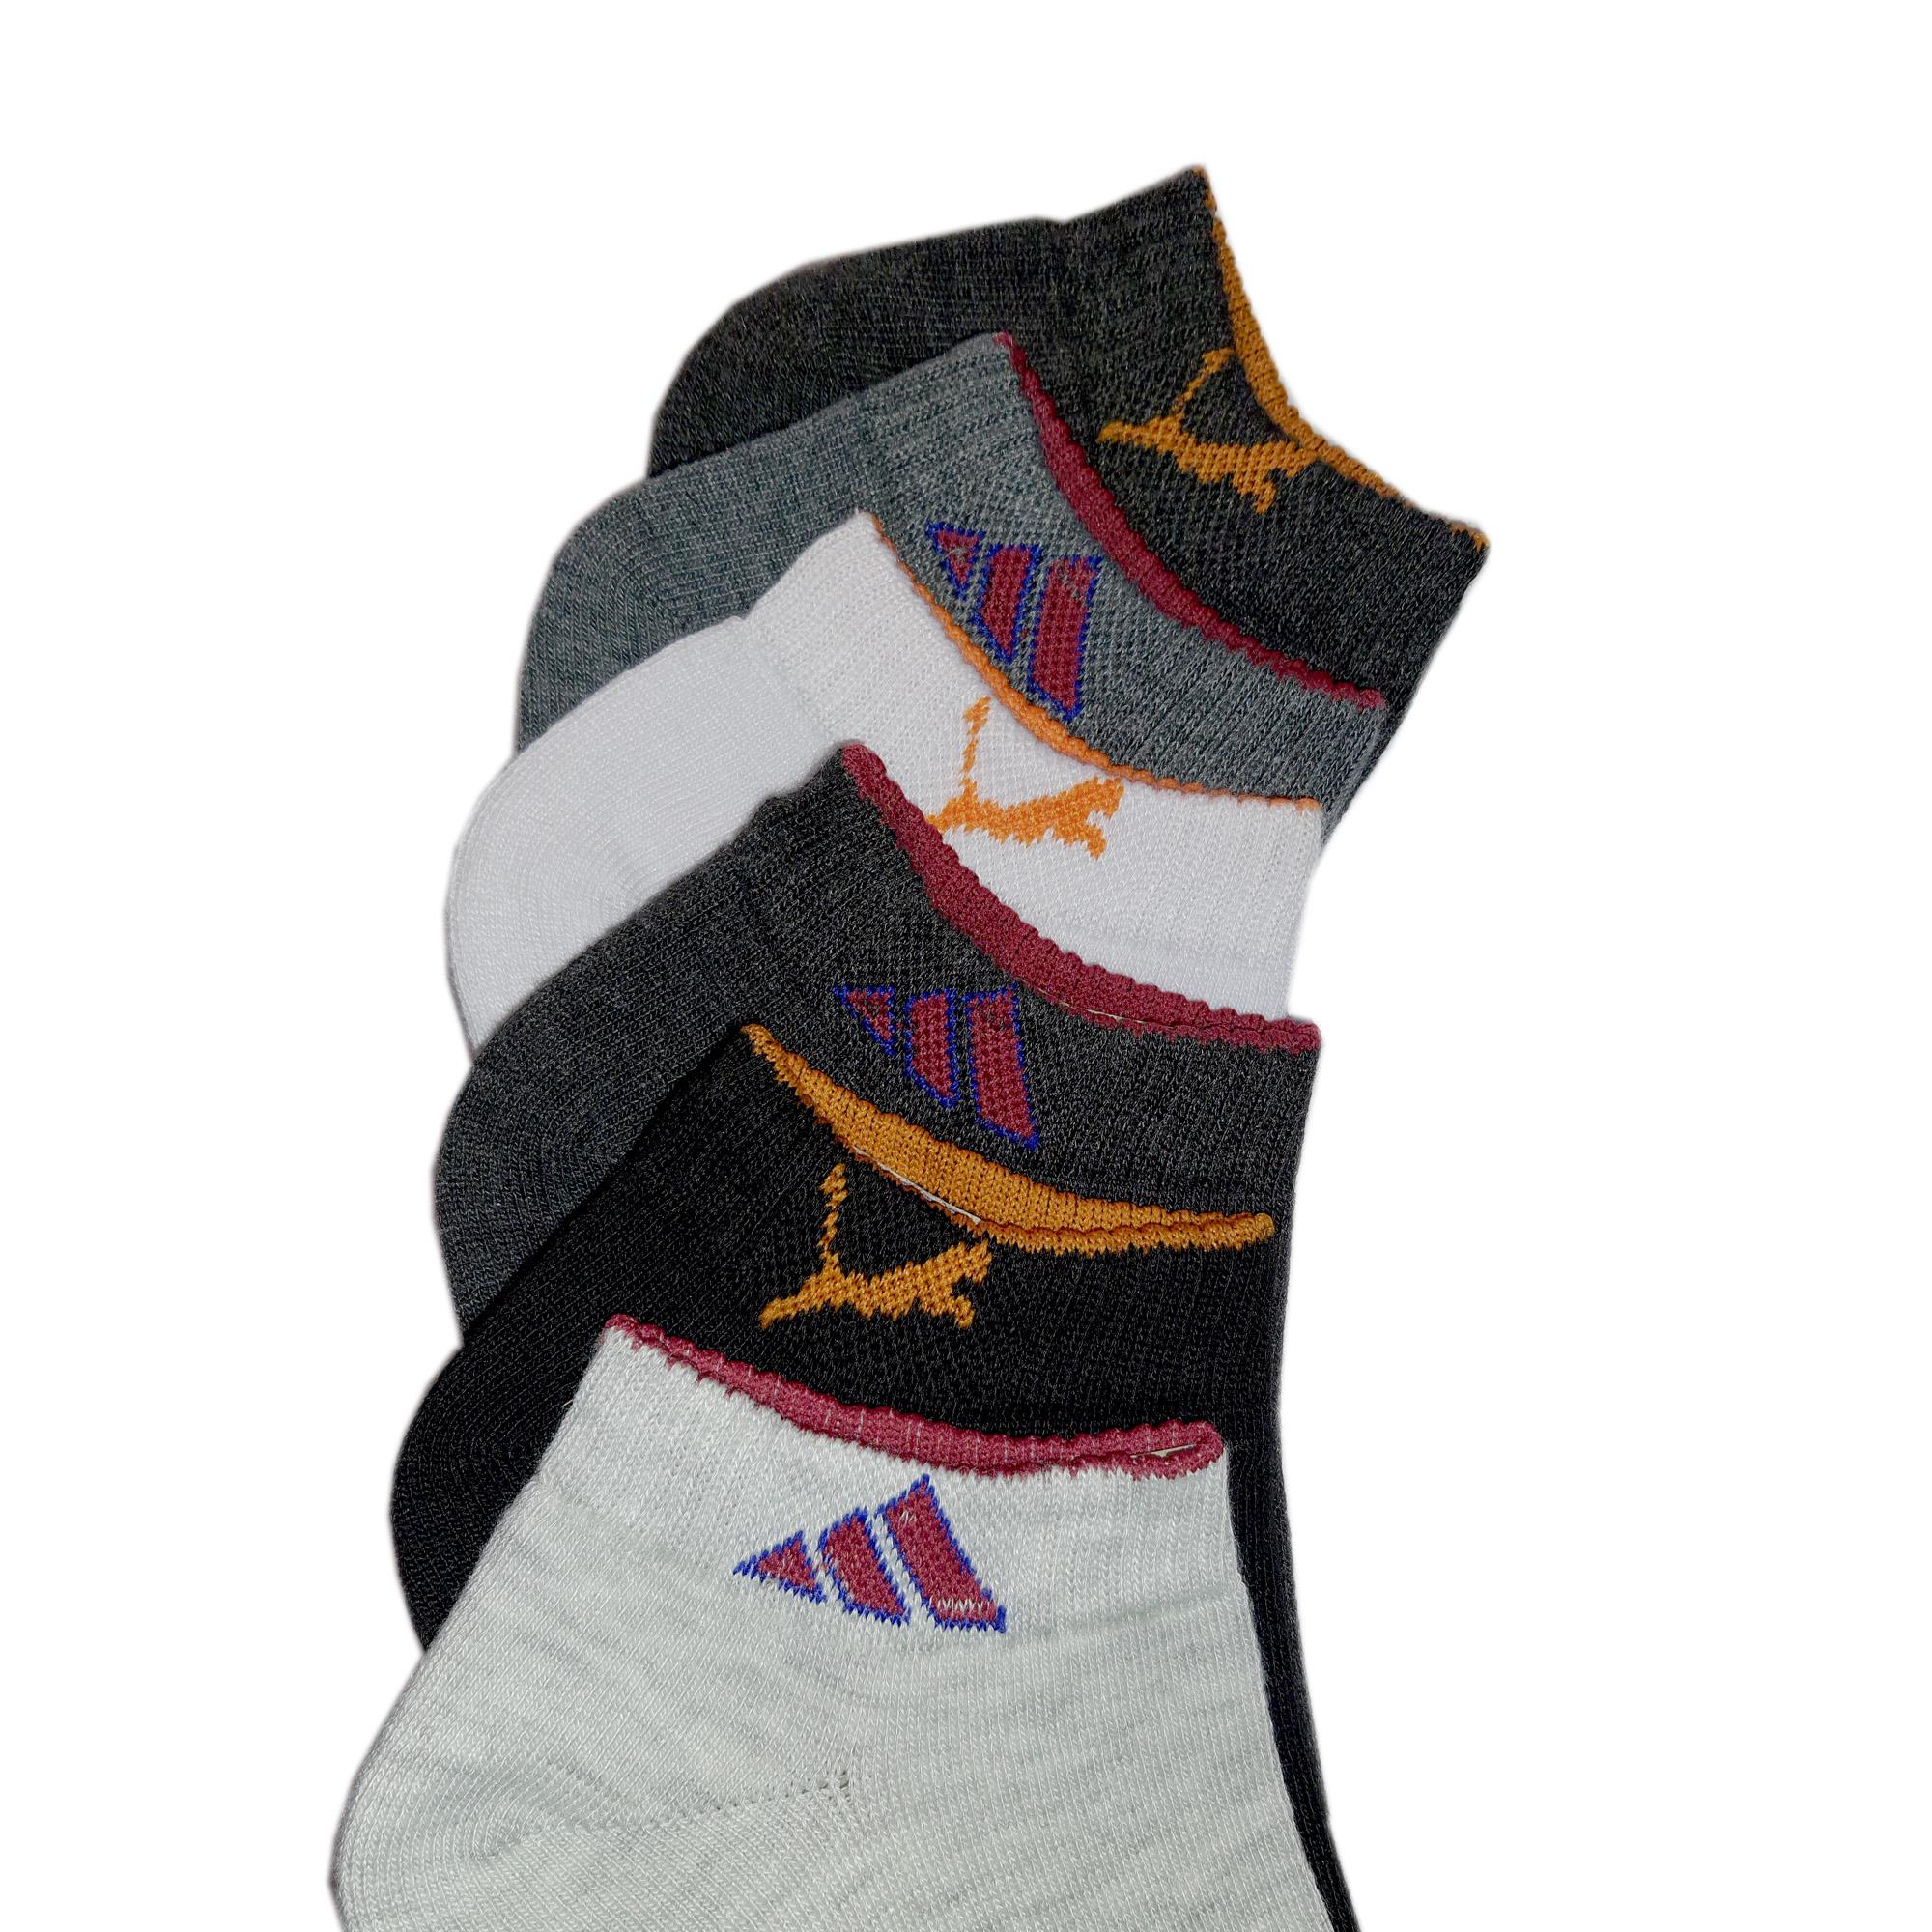 جوراب مردانه کد M600 مجموعه 6 عددی